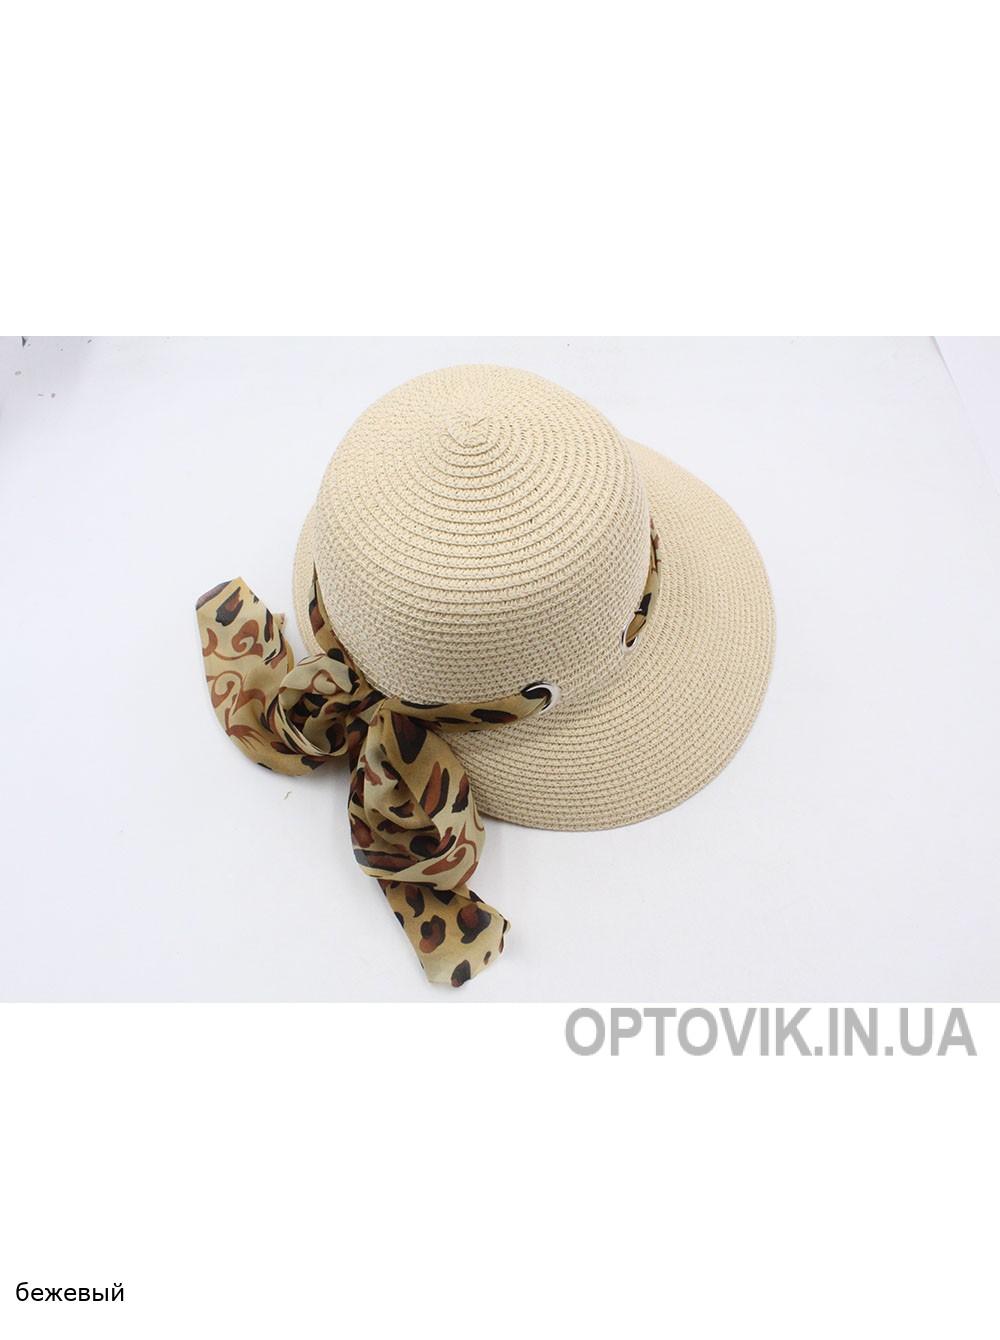 Шляпа D43-6-250-56-58